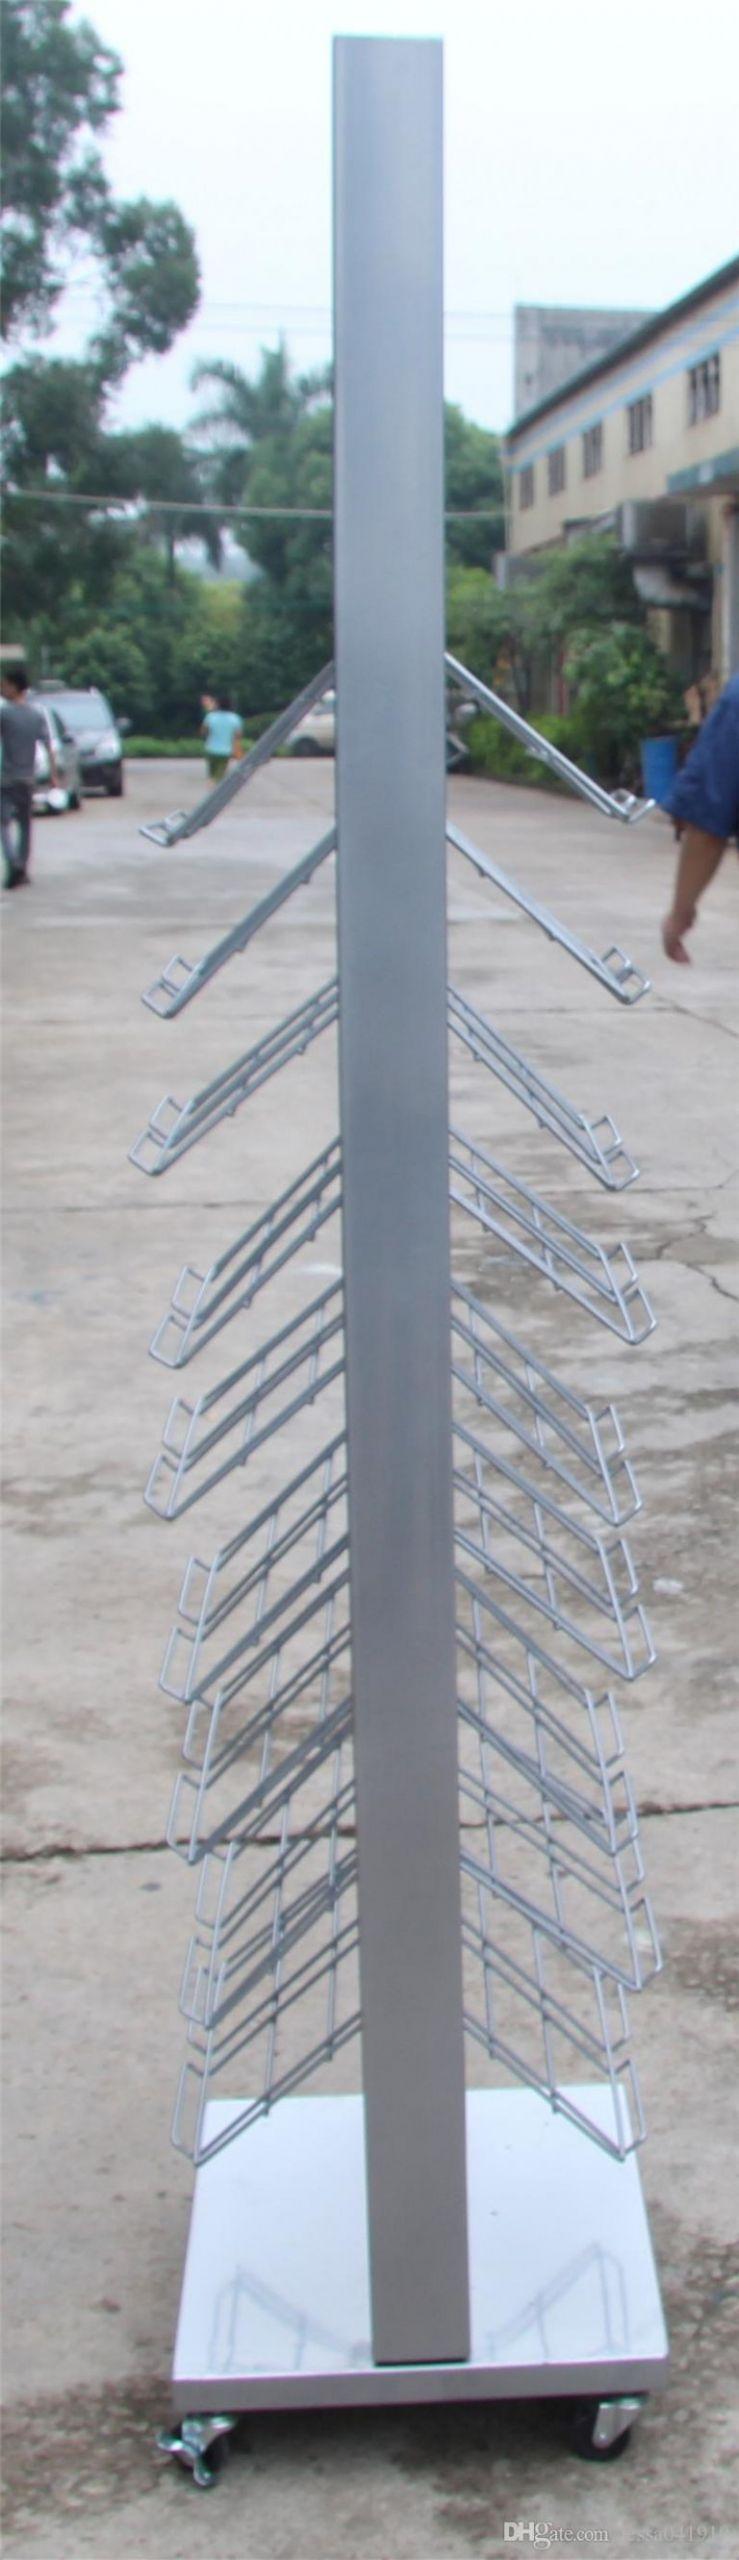 mercial metal shelving 23